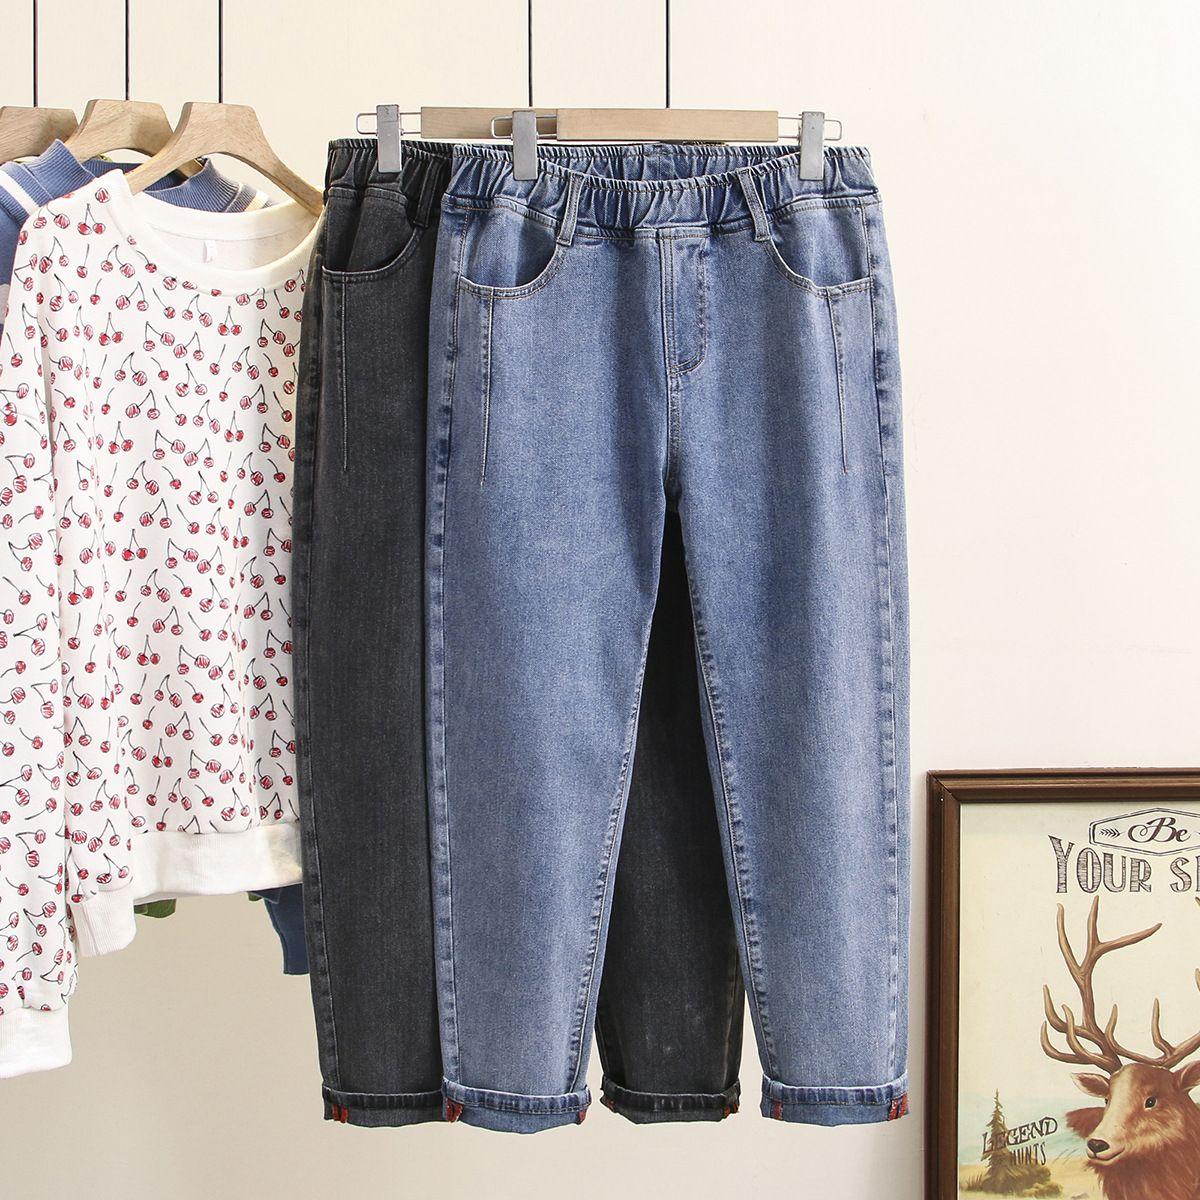 Mulheres jeans 2021 primavera cueca lápis casual calças jeans calças elásticas cintura elástica estiramento plus tamanho fundos